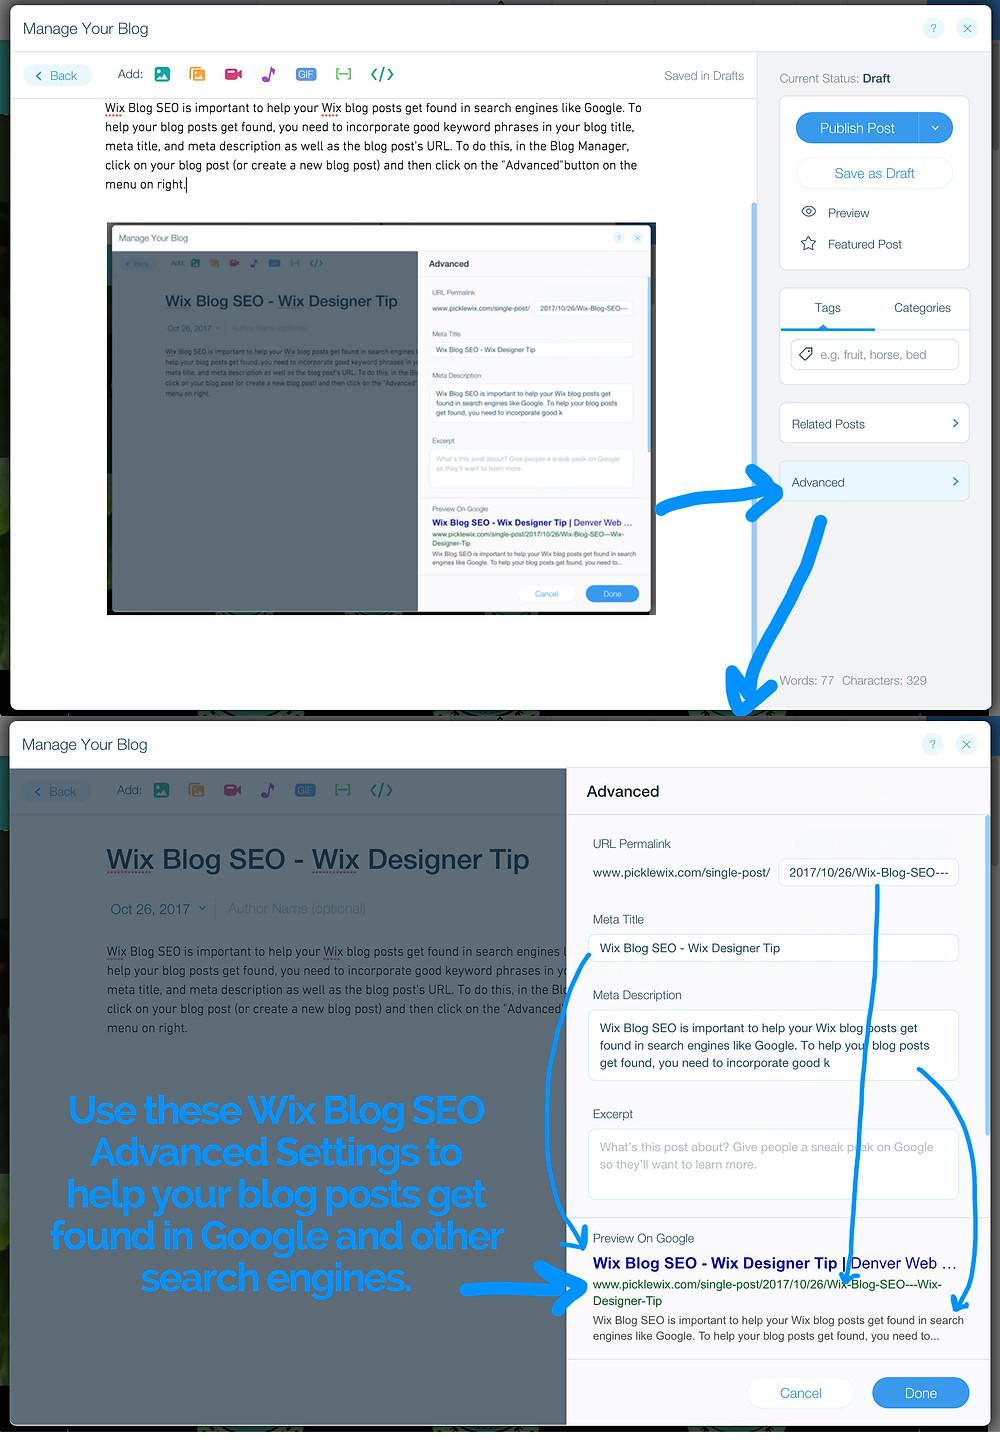 Wix Blog SEO